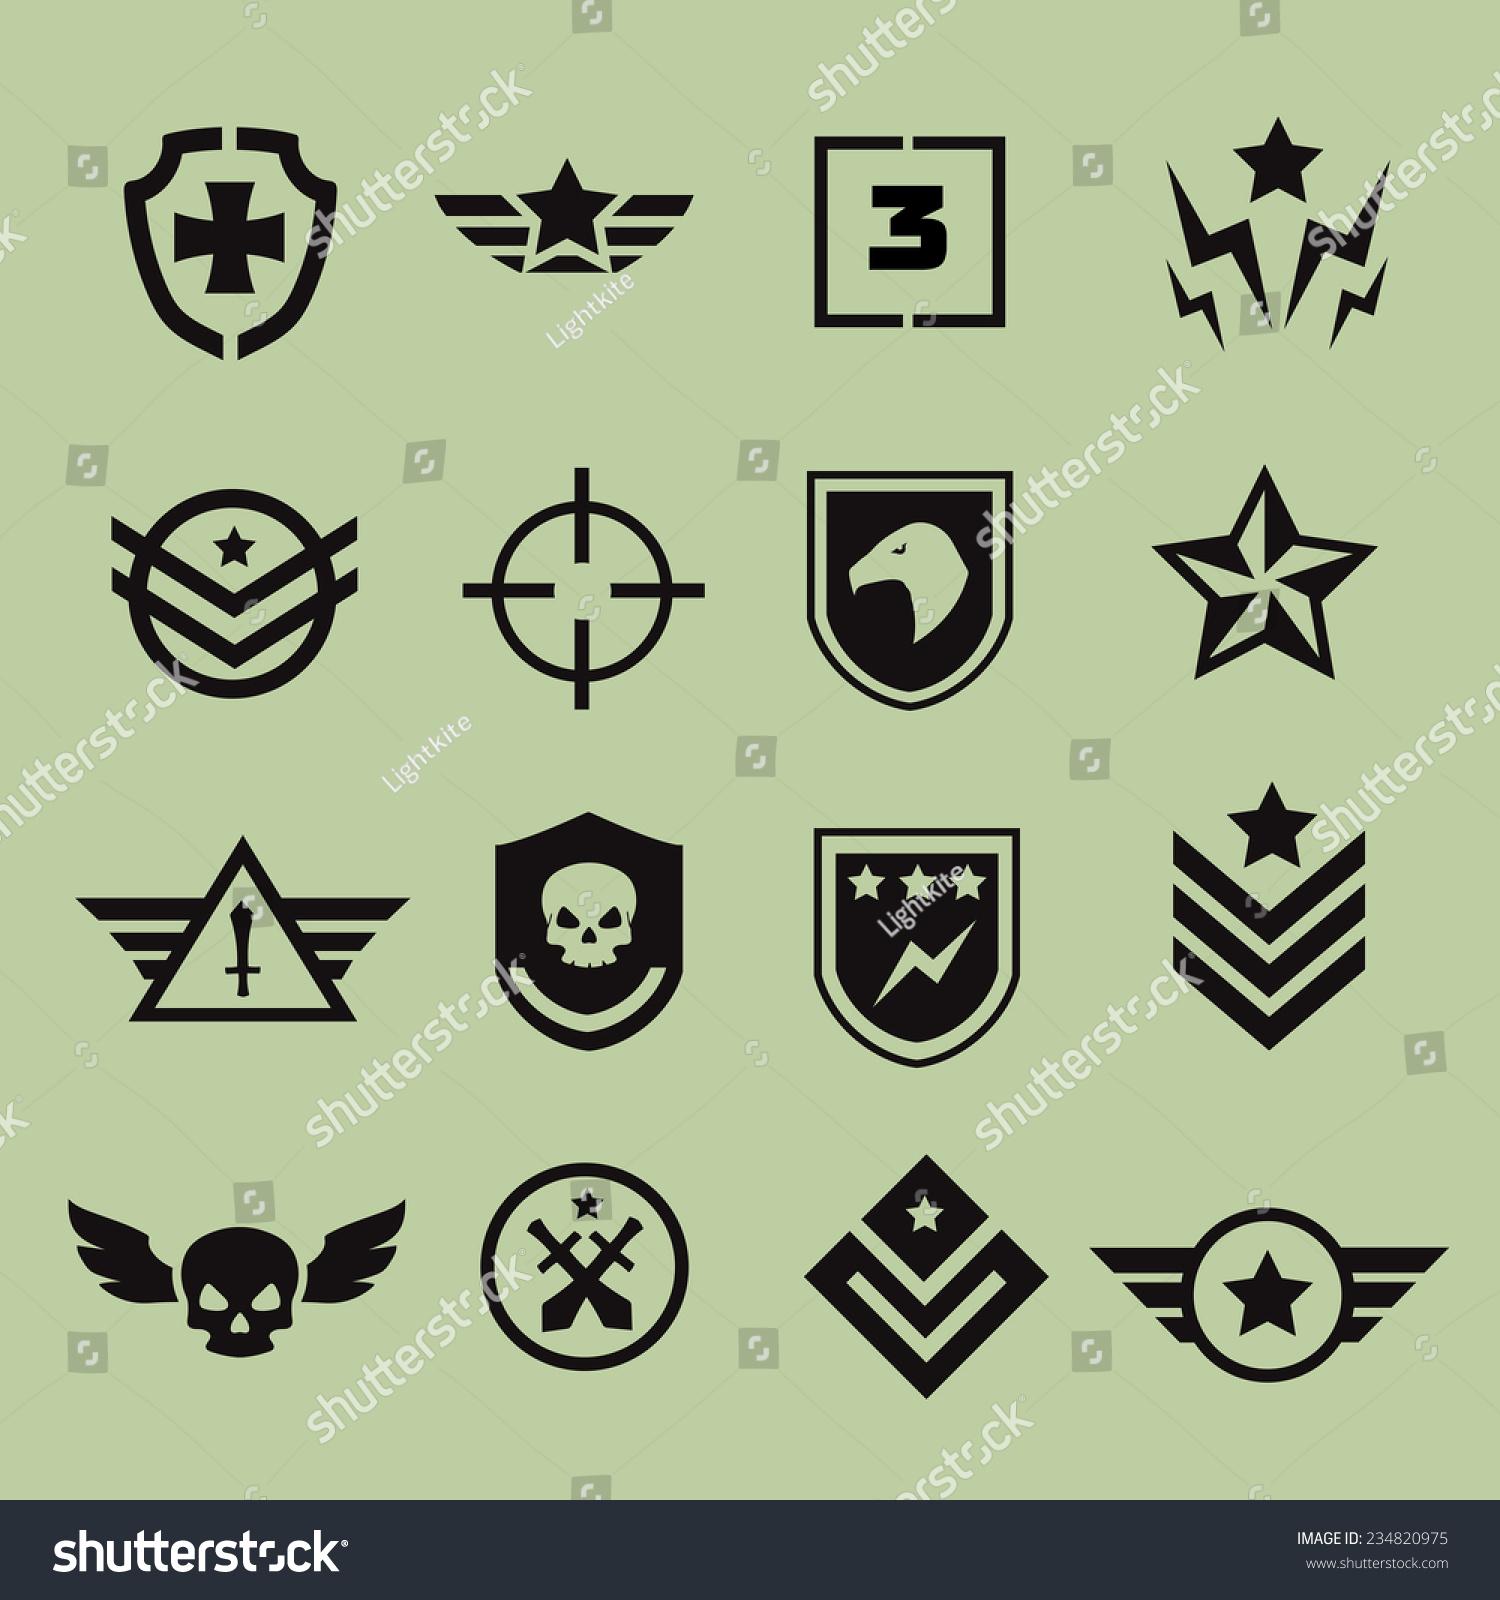 how to make military logo